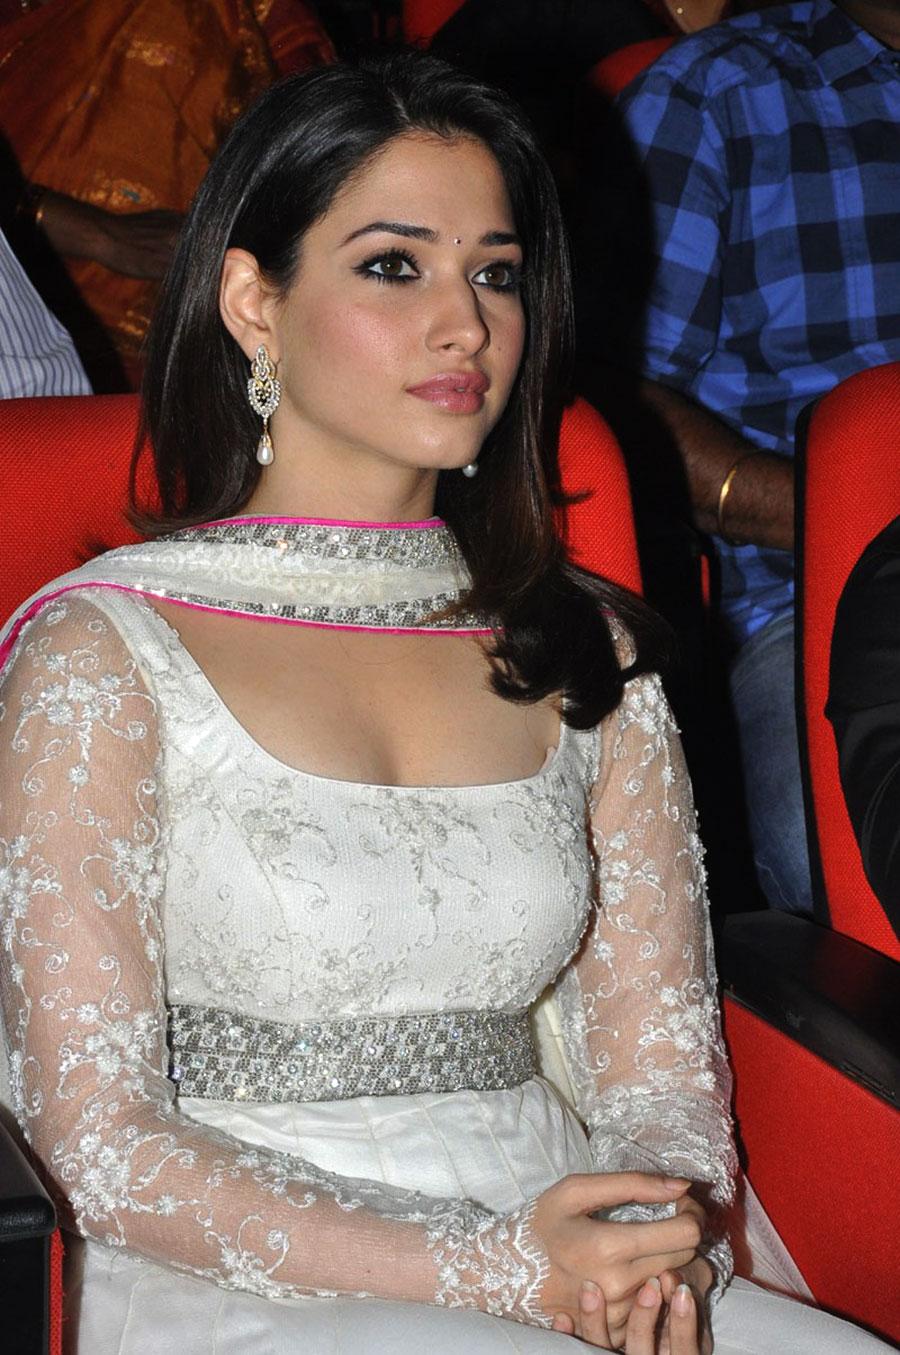 splendid gorgeous fair cute Tamanna bhatia new hot pics at tadakha music launch